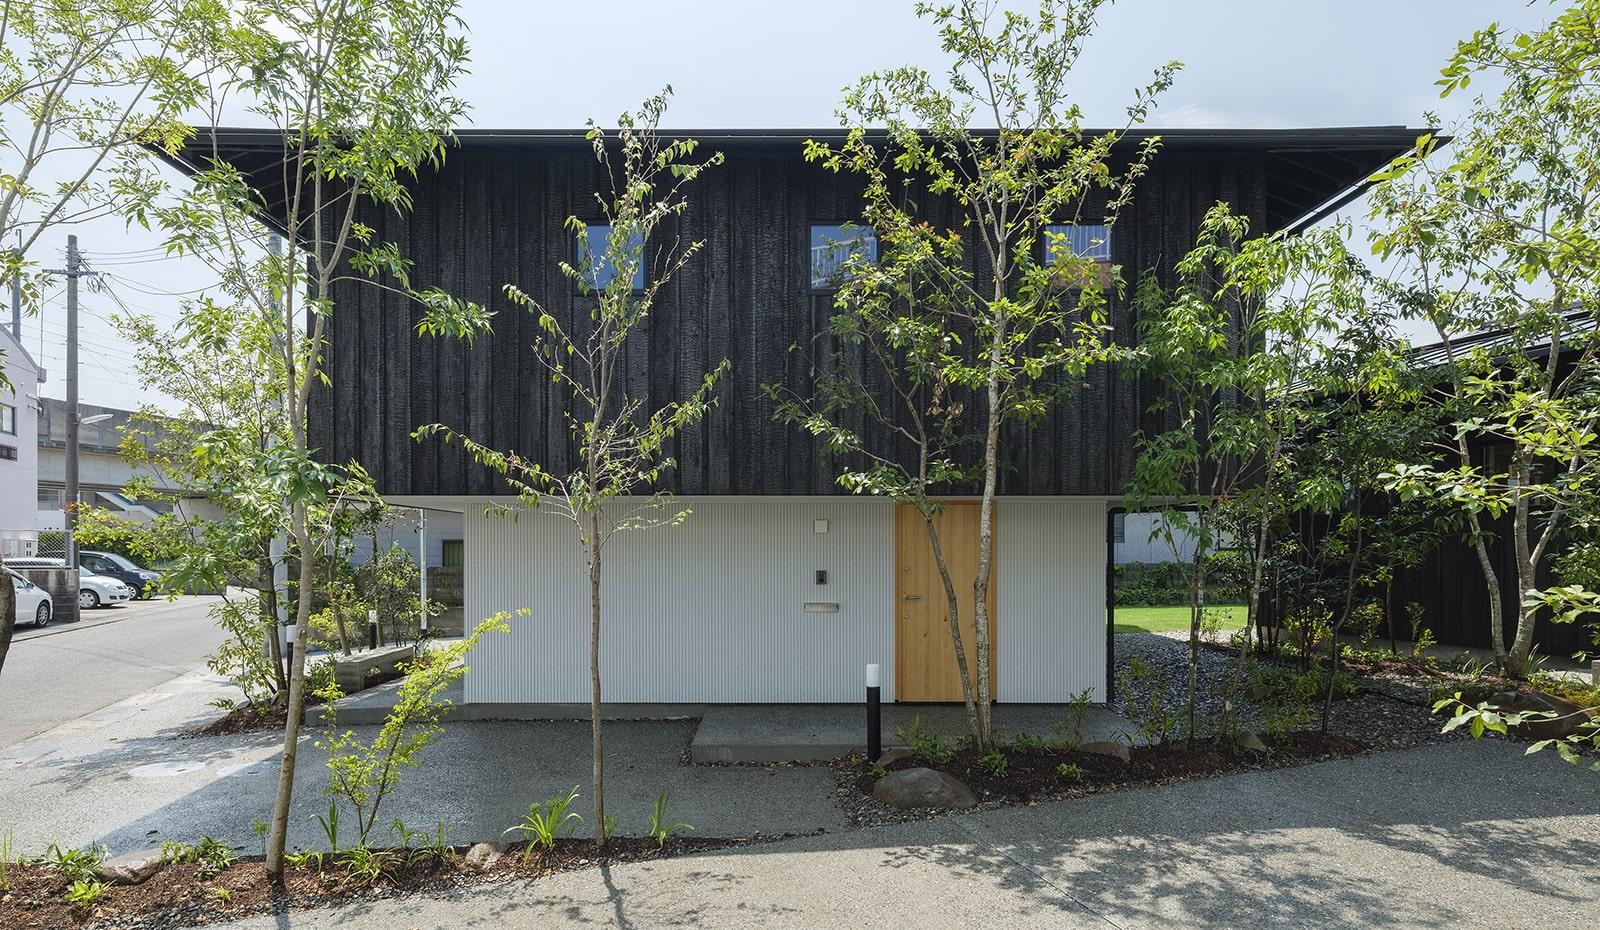 ベガハウス品質のデザイン規格住宅